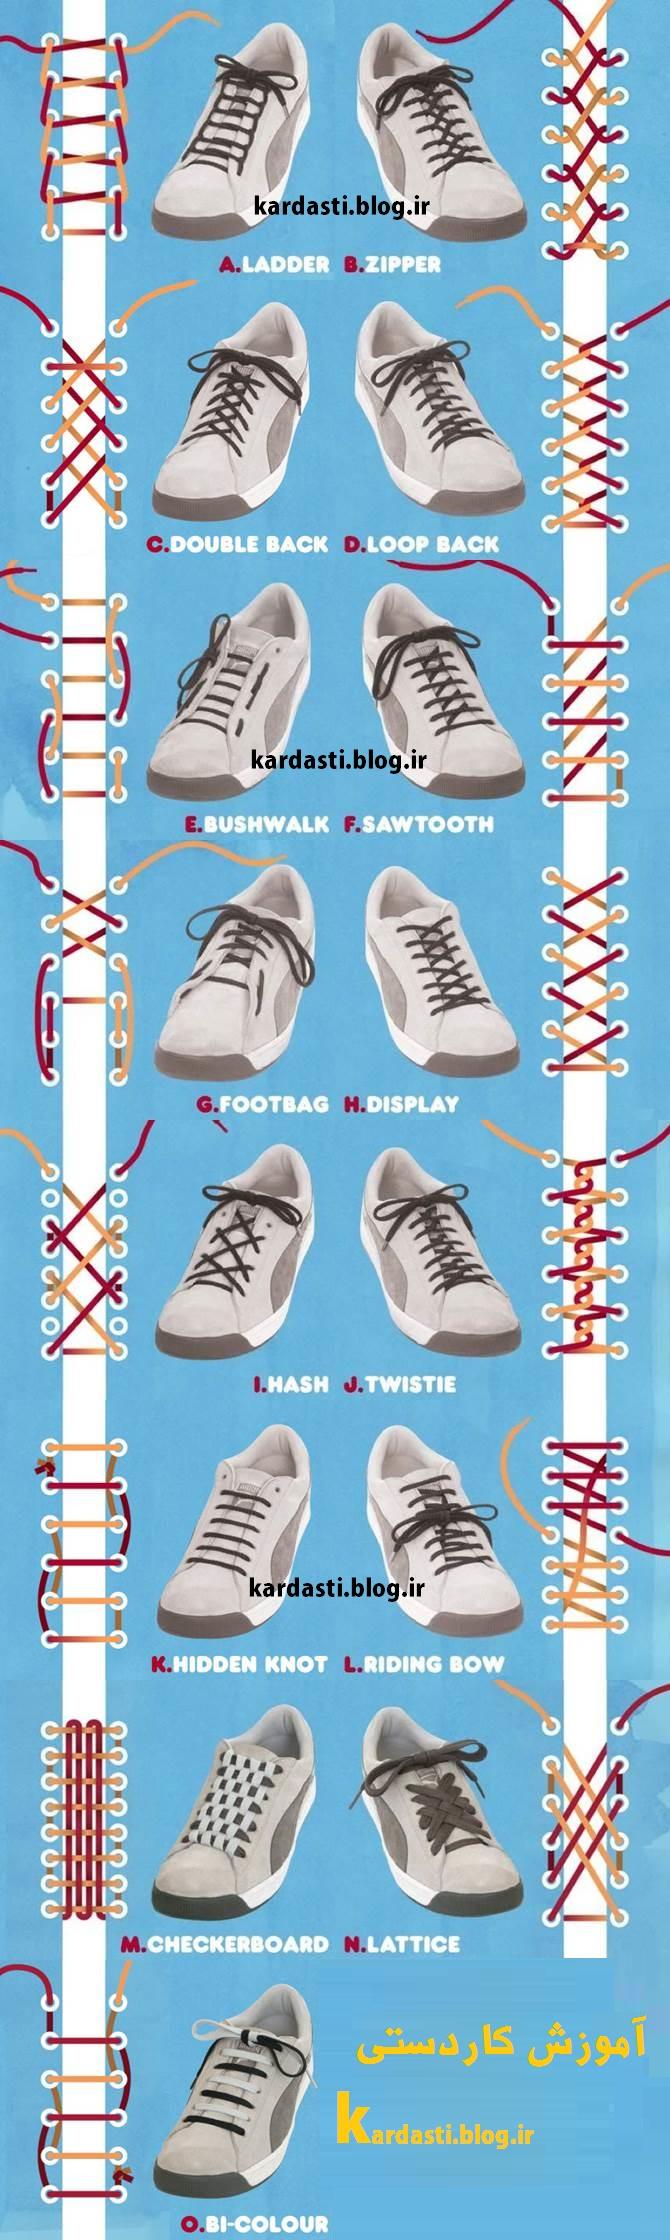 15 روش خلاقانه بستن بند کفش